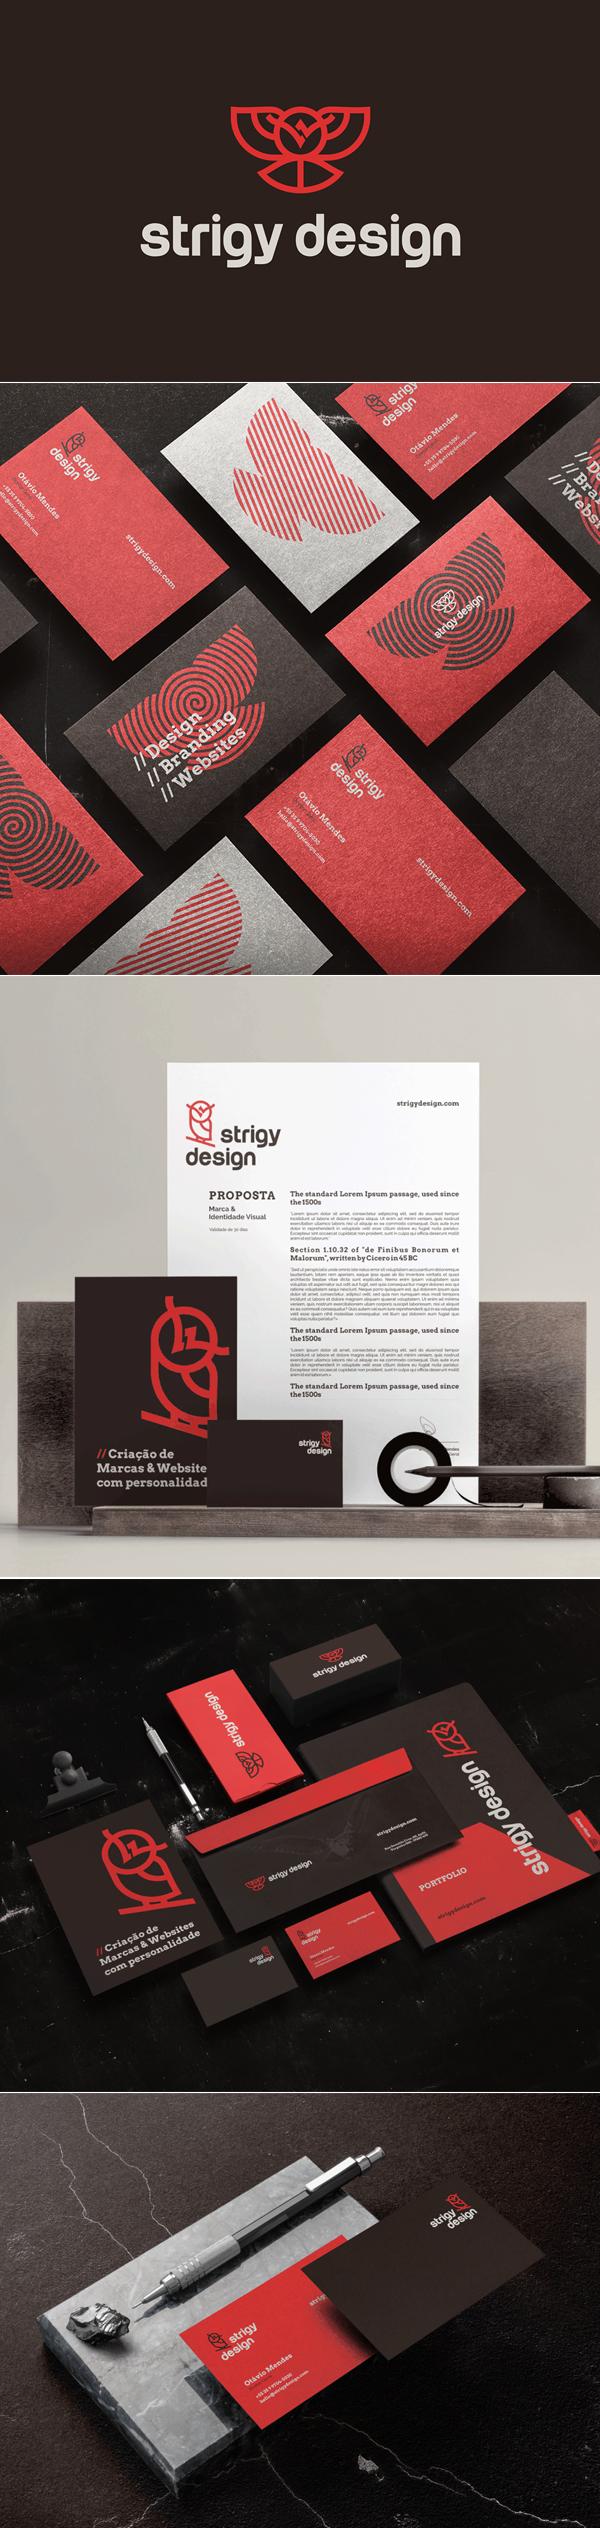 Strigy Design Branding Identity by Strigy Design